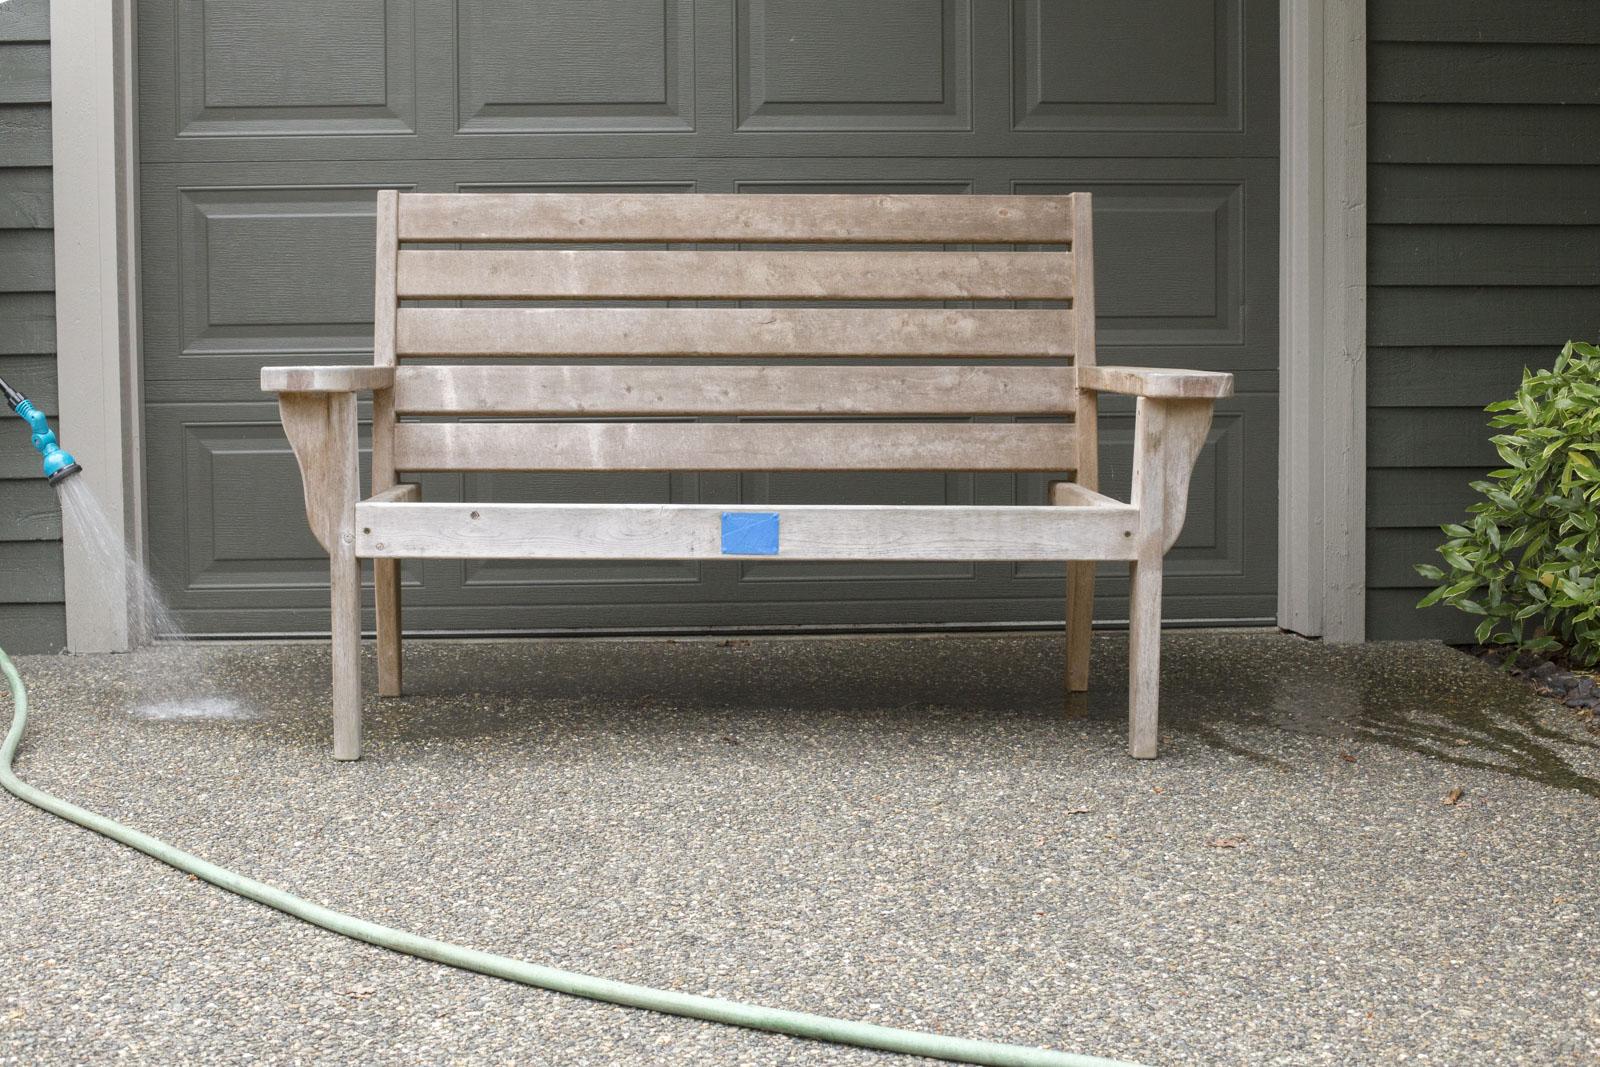 wet down area around bench